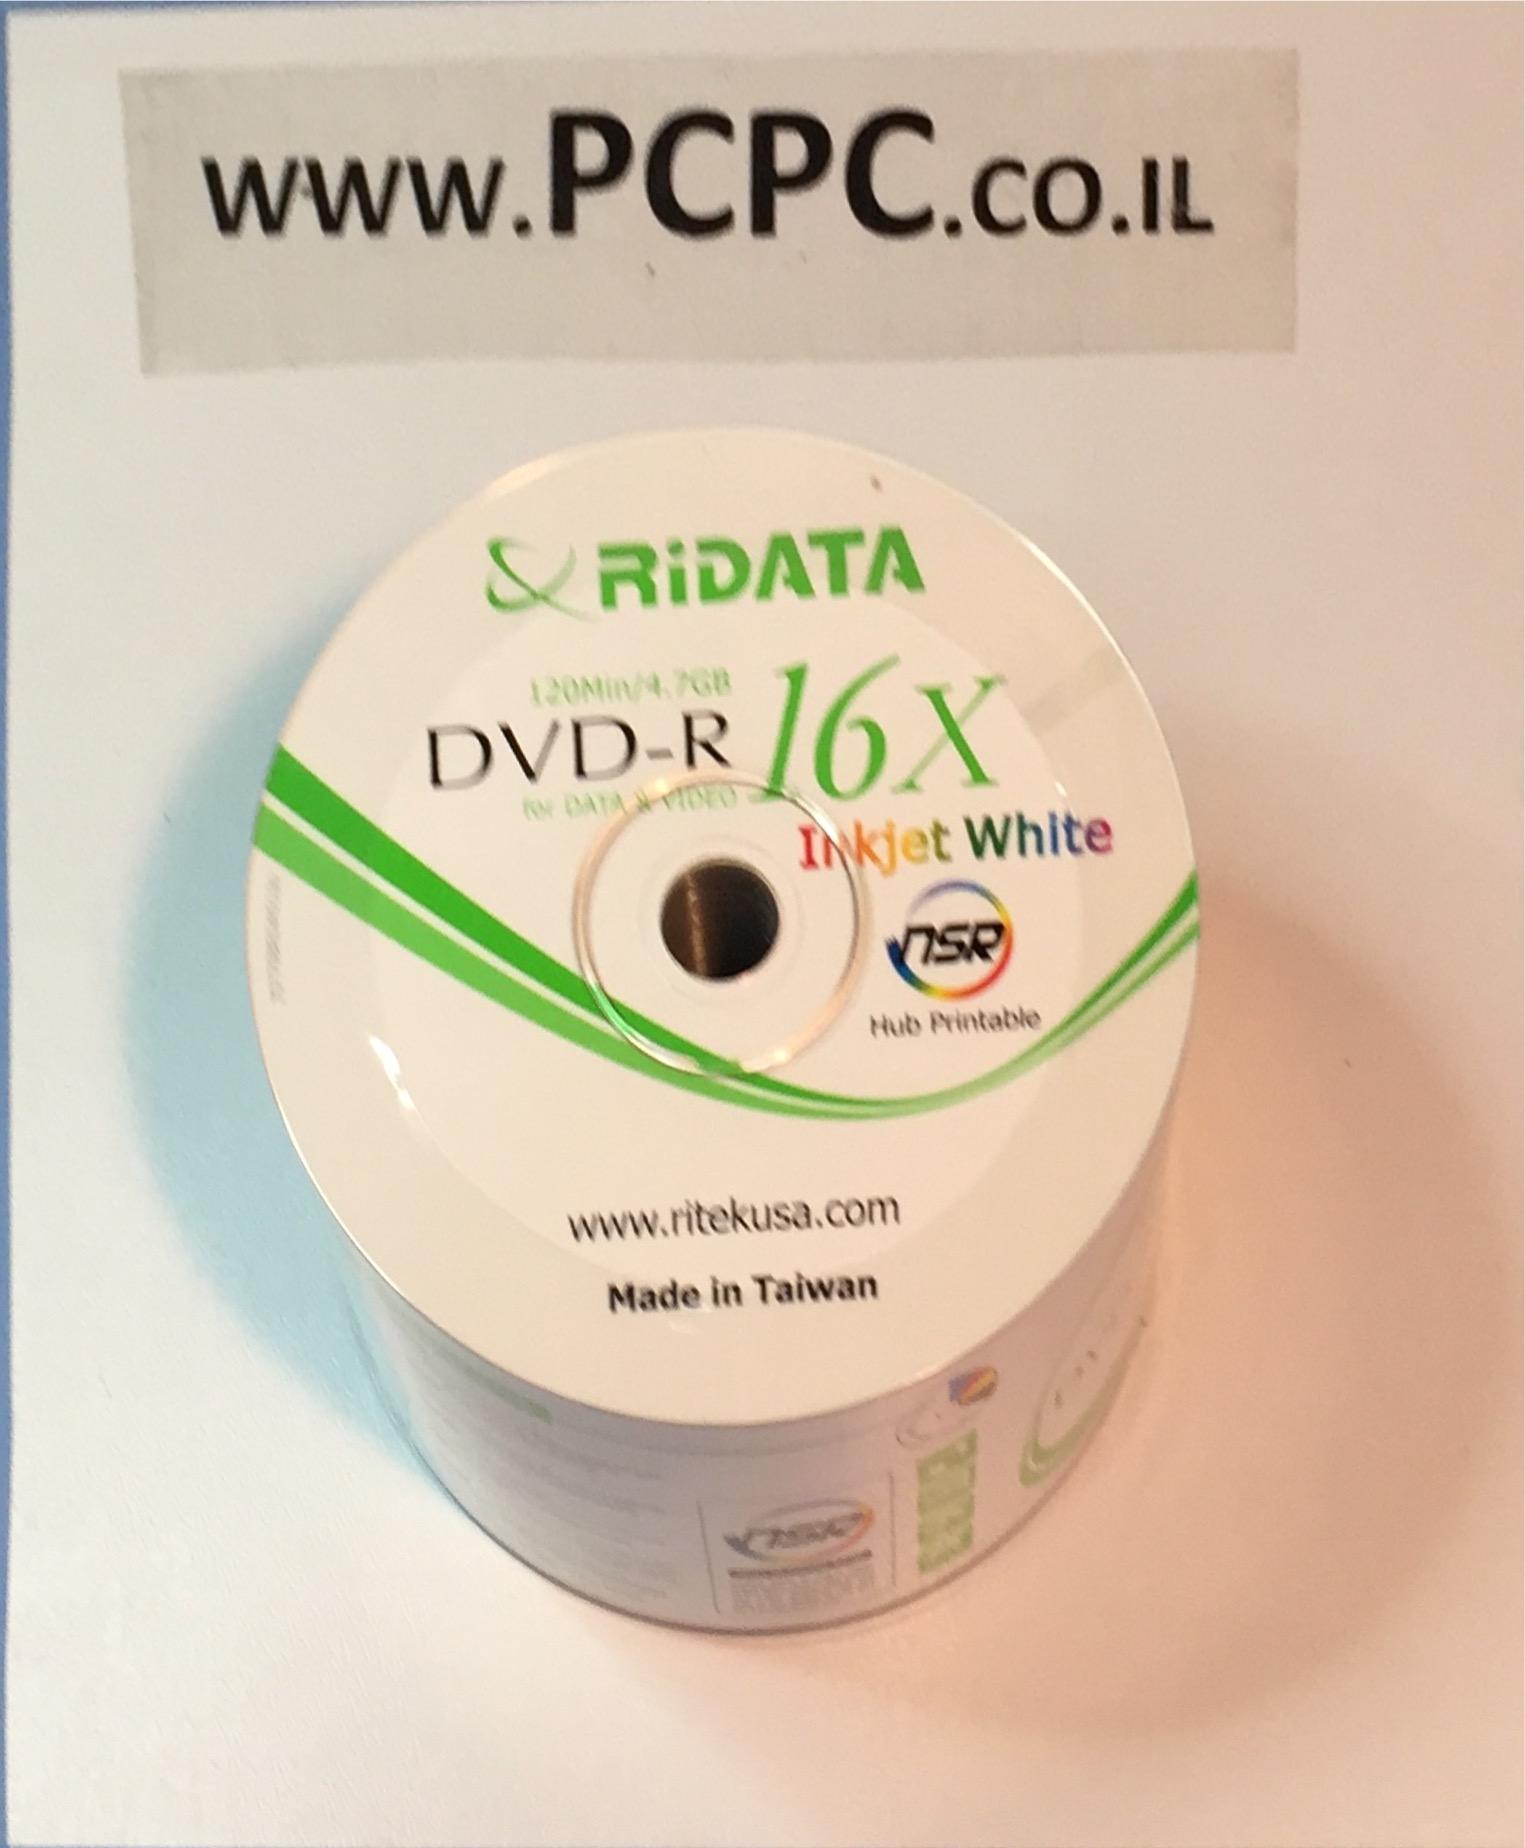 דיסקים 4.7GBx16 PRITABLE DVDR  של 50 יחידות RIDATA